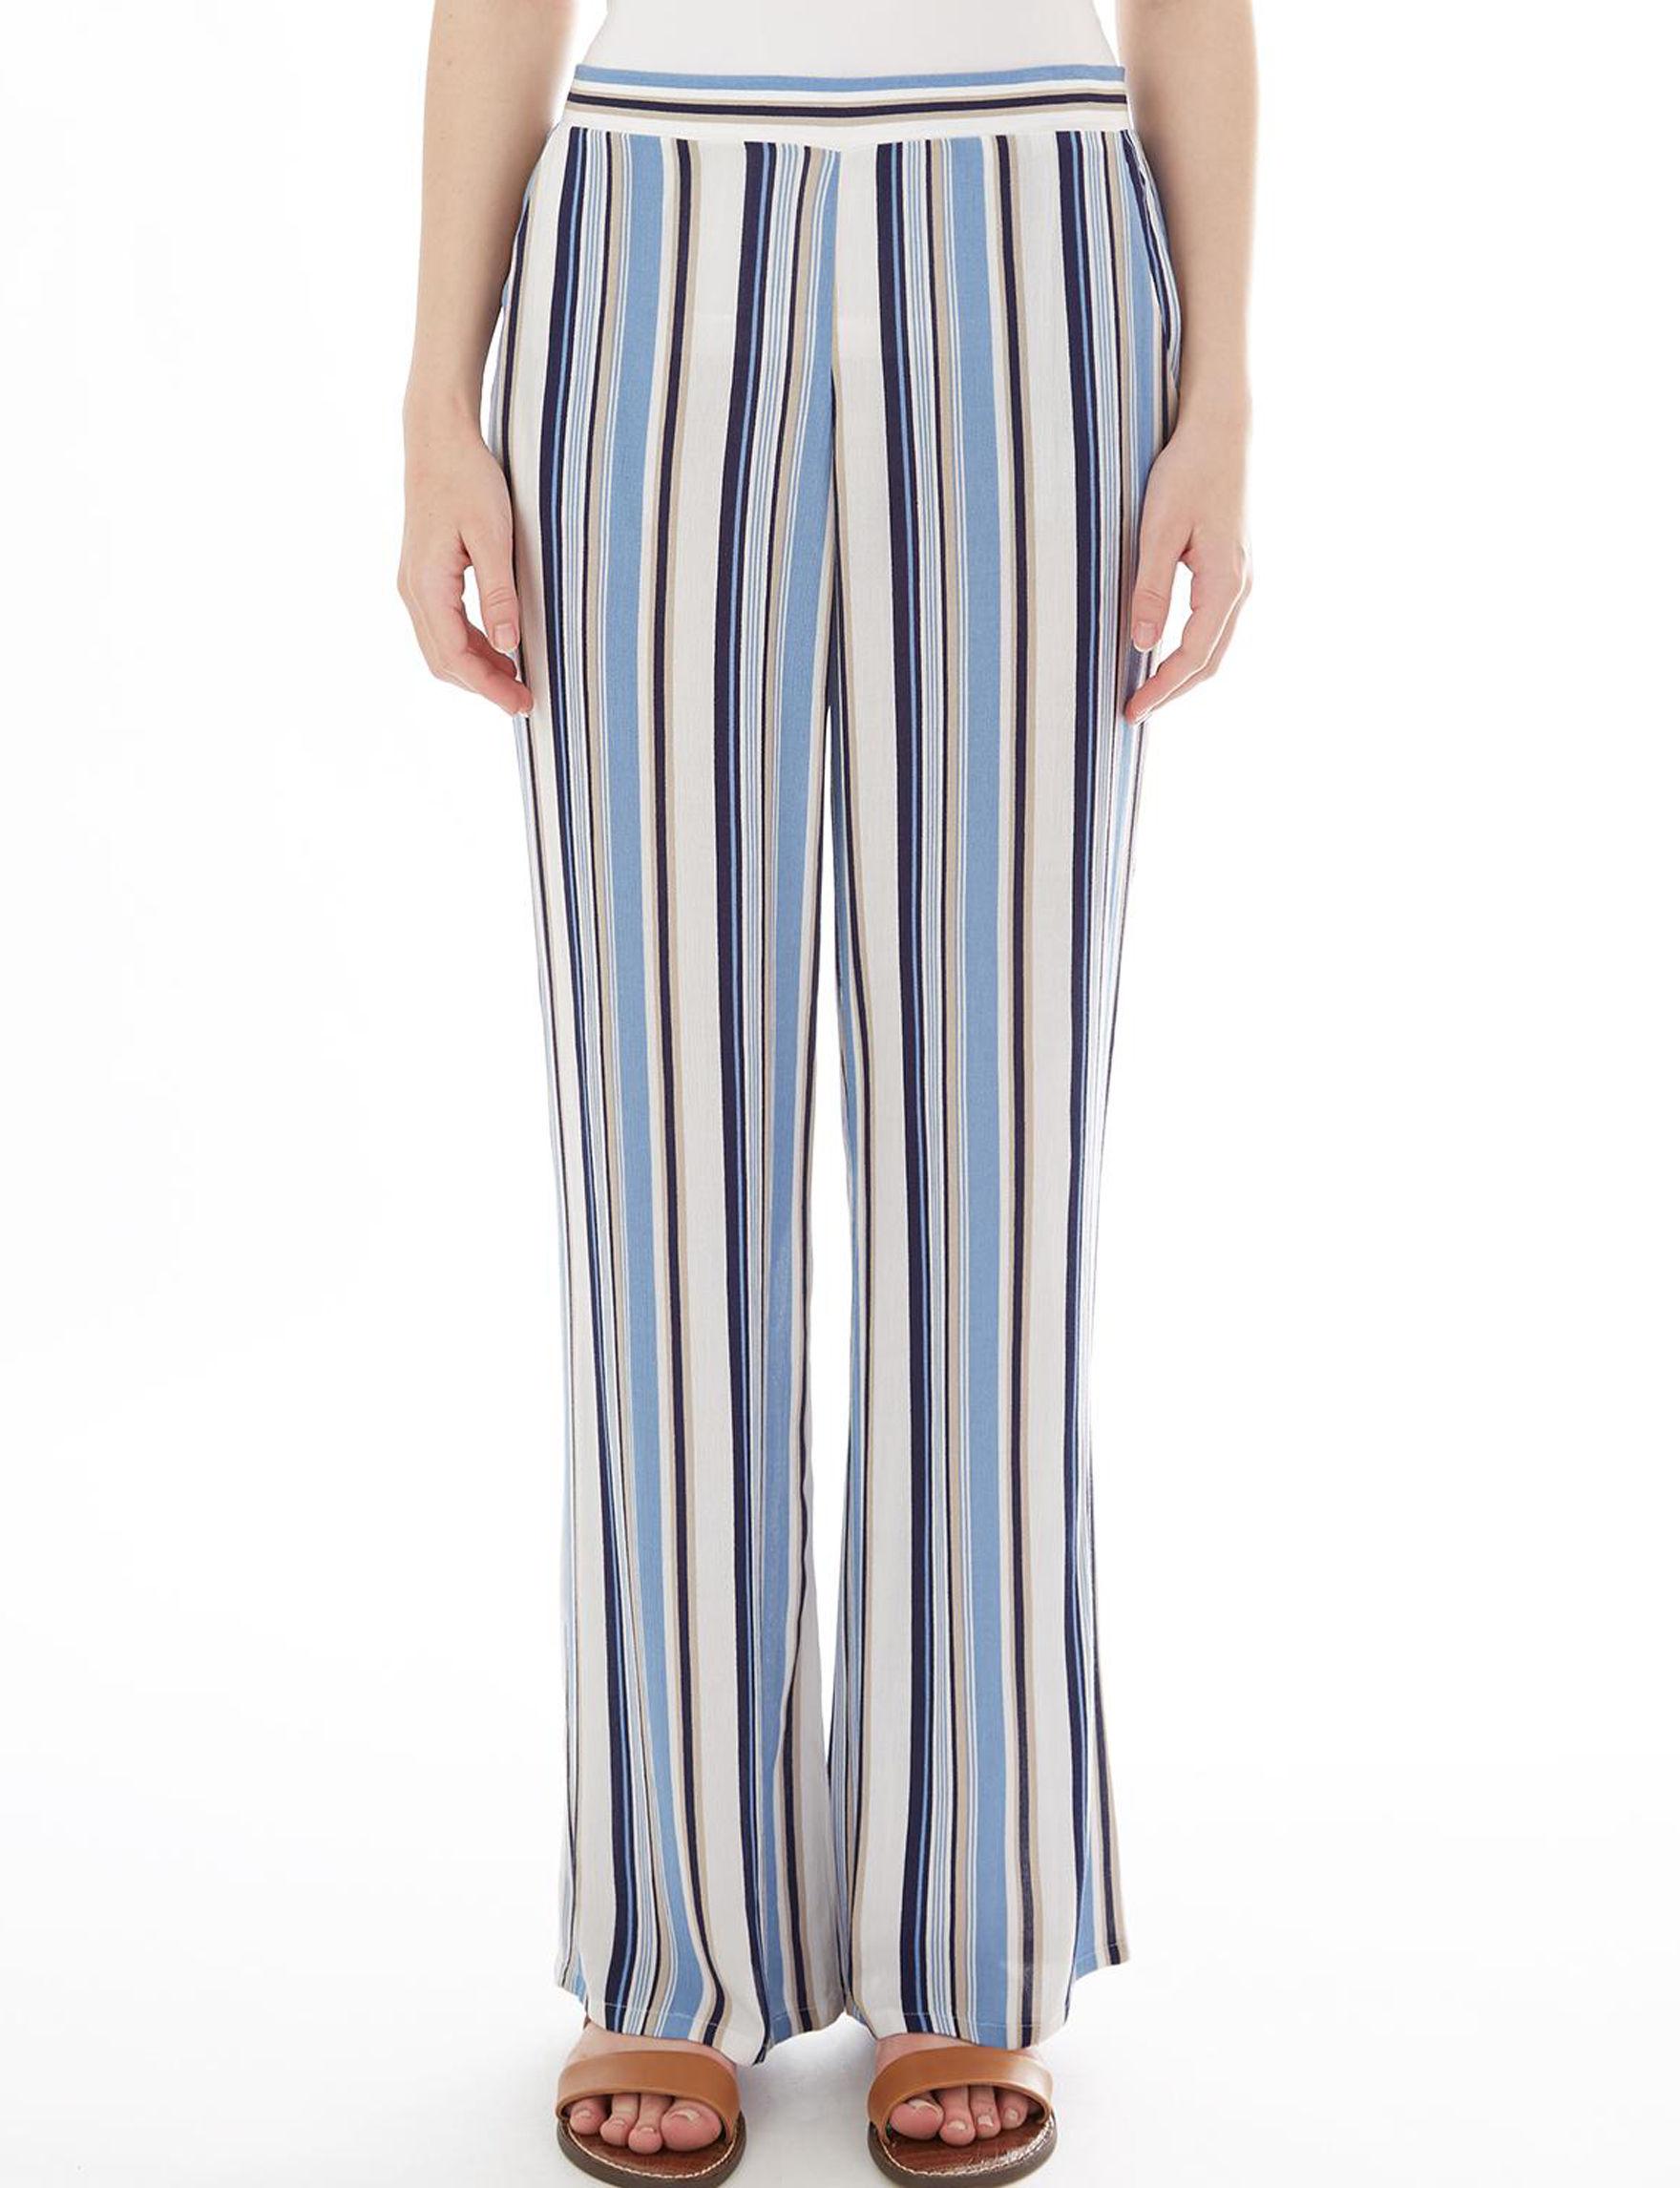 A. Byer White / Blue Soft Pants